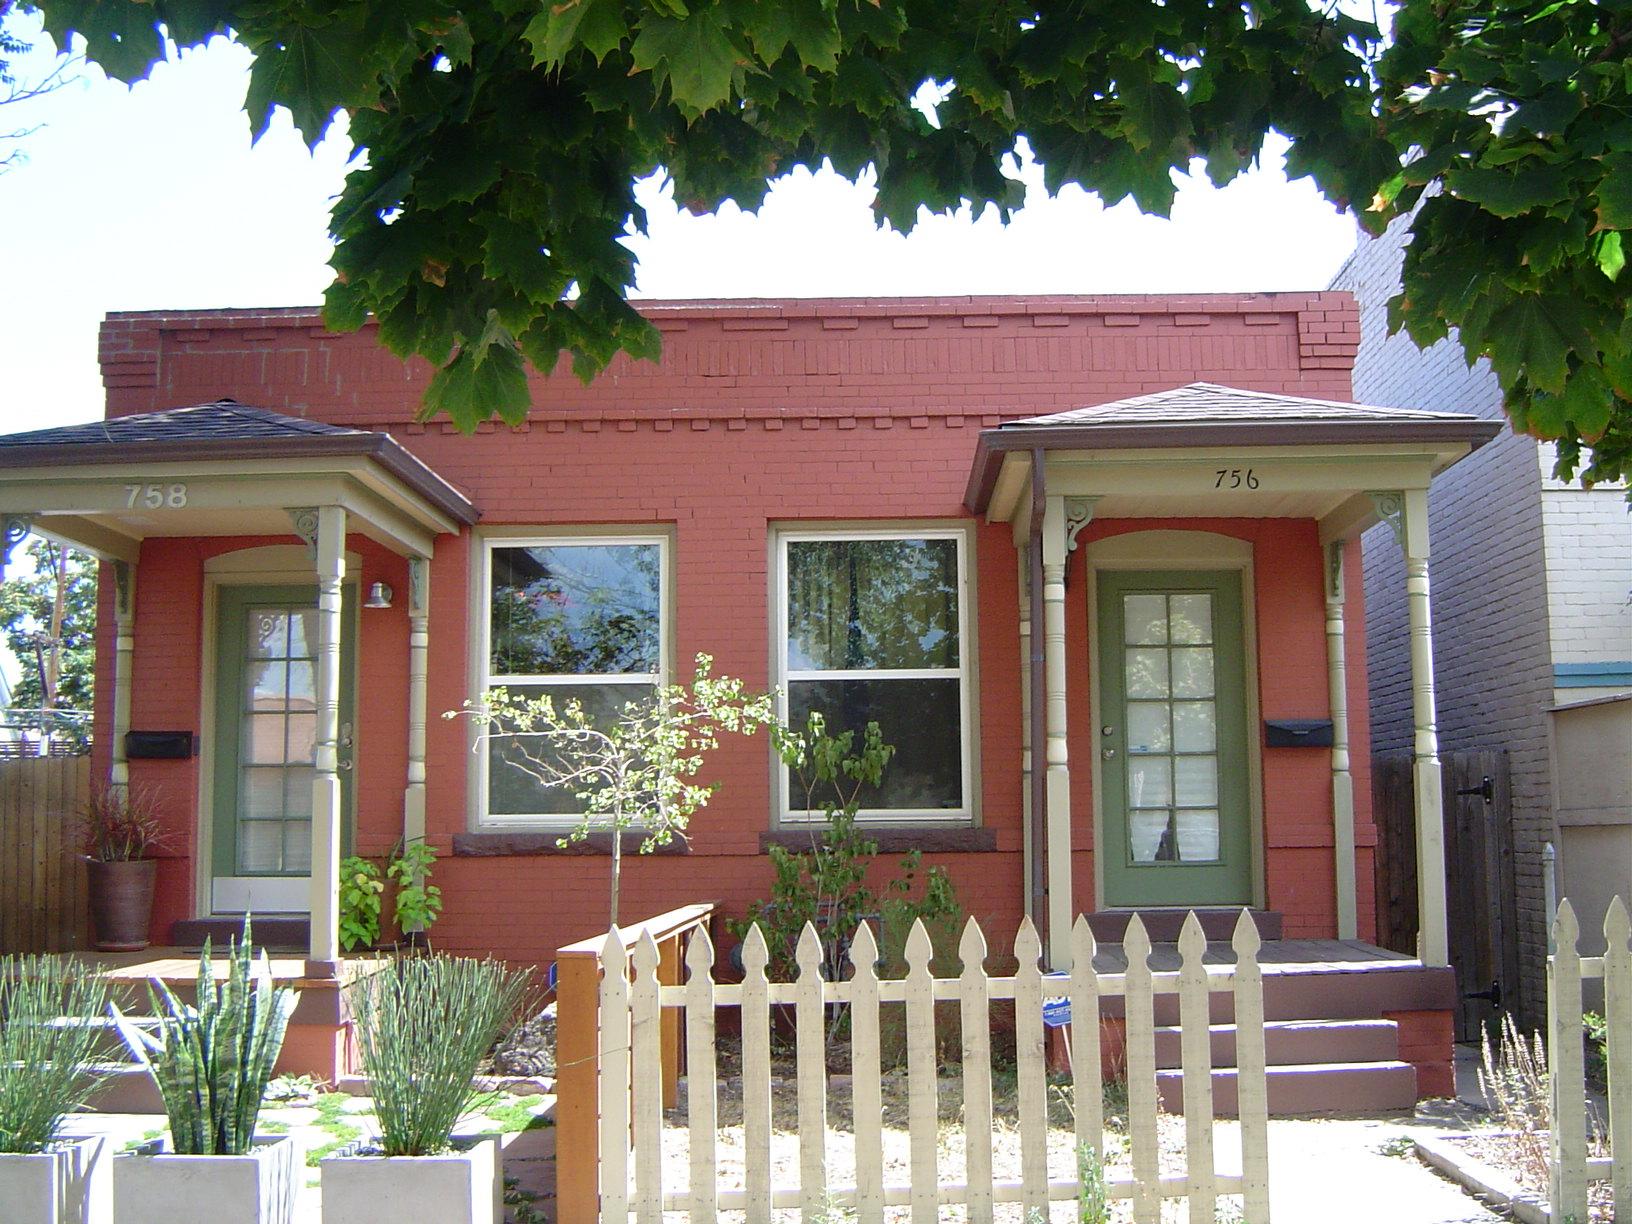 05-16-16-punch-color-duplex-doors.jpg